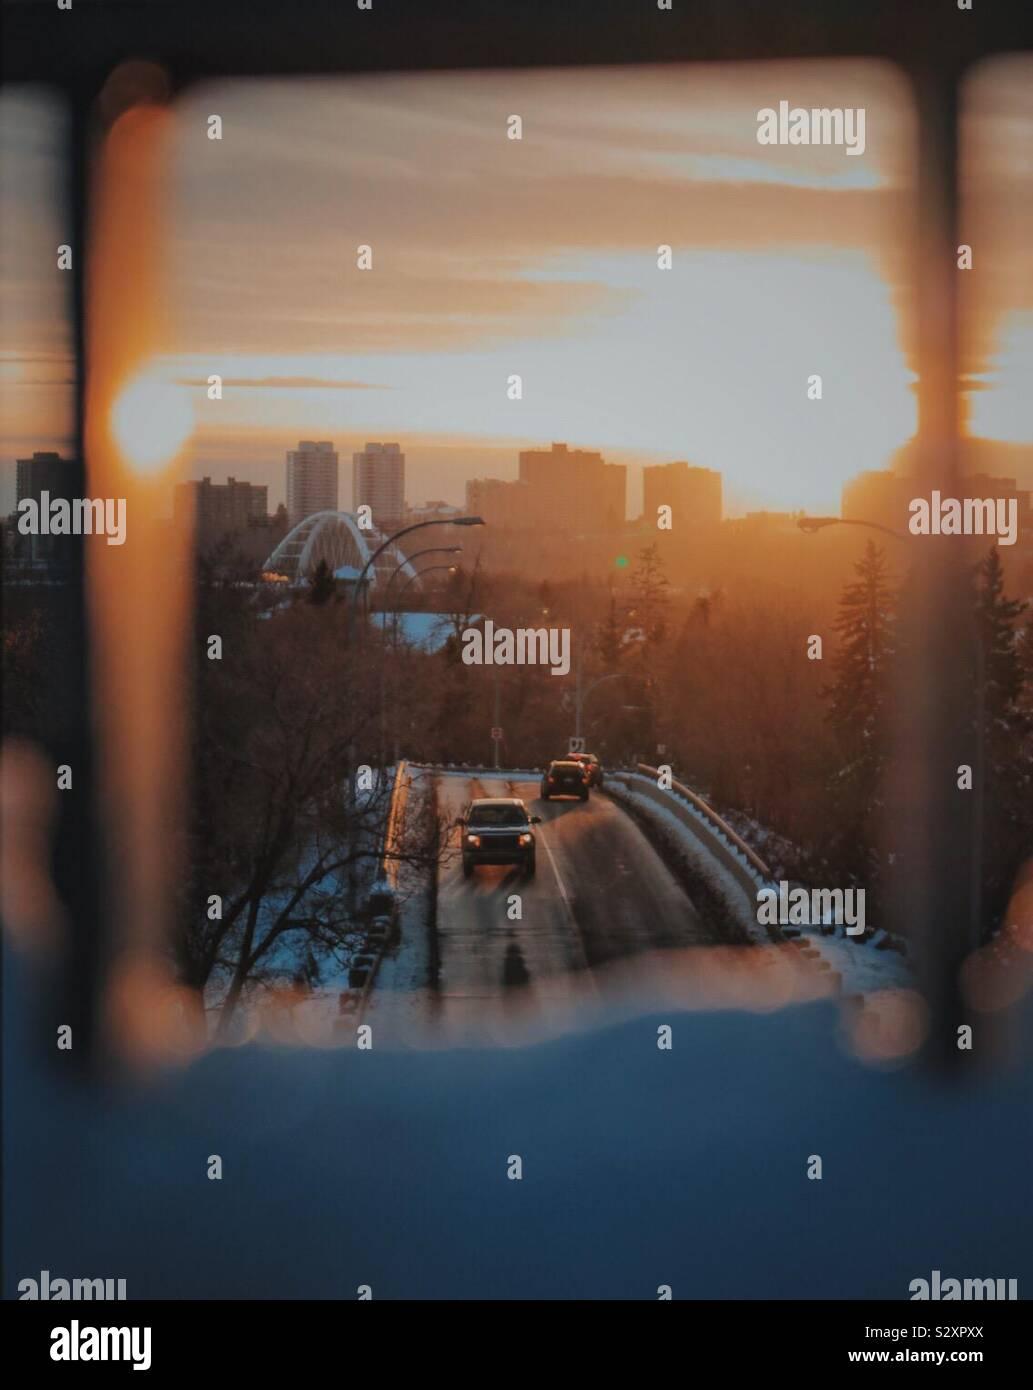 Sonnenuntergänge in Edmonton!! 😊 Stockfoto